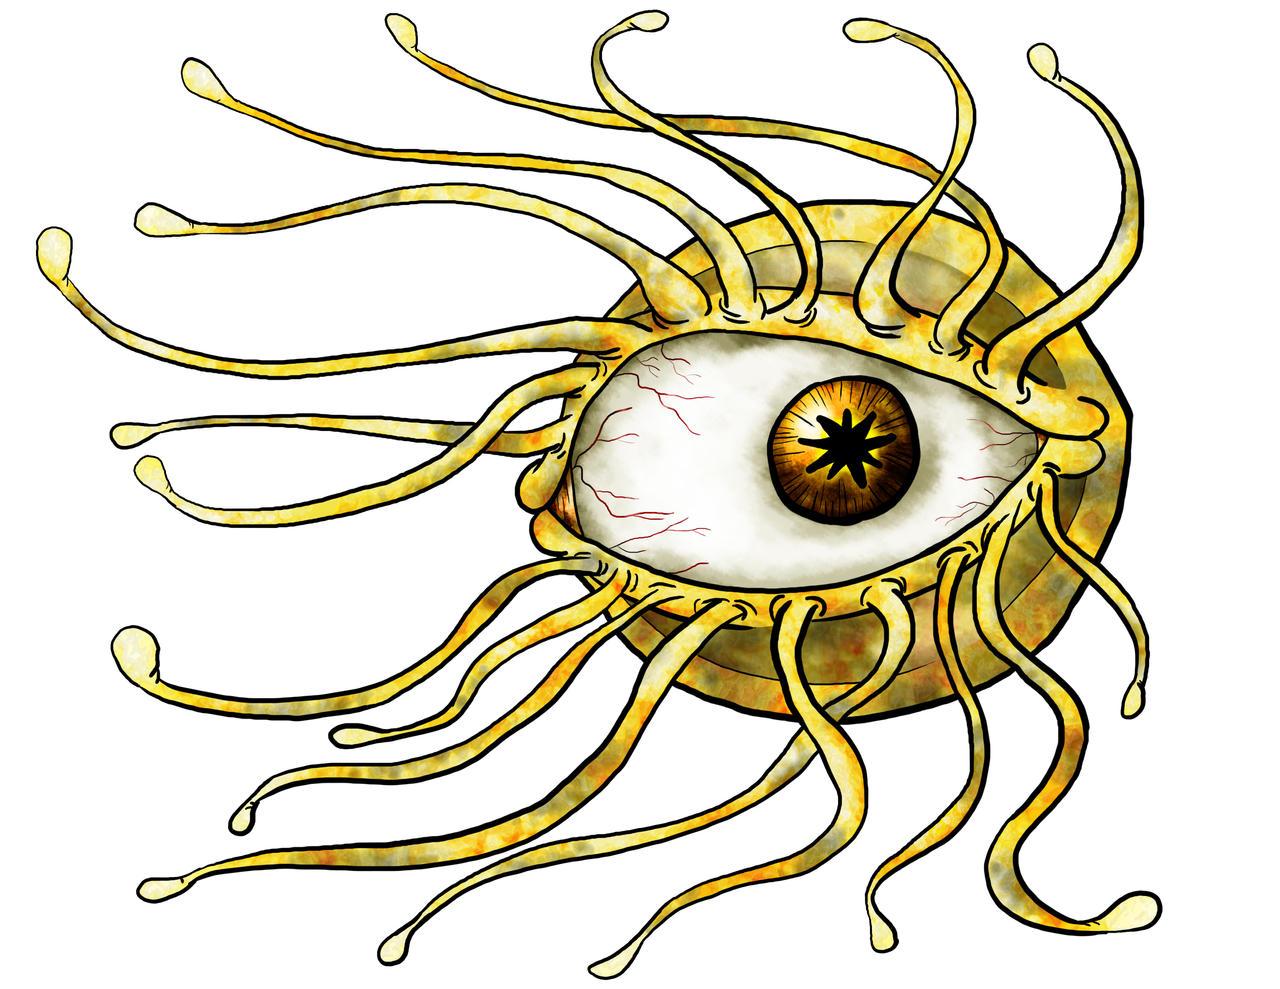 ... monster eyeballs clipart of scary monster eyeballs once the macaroons